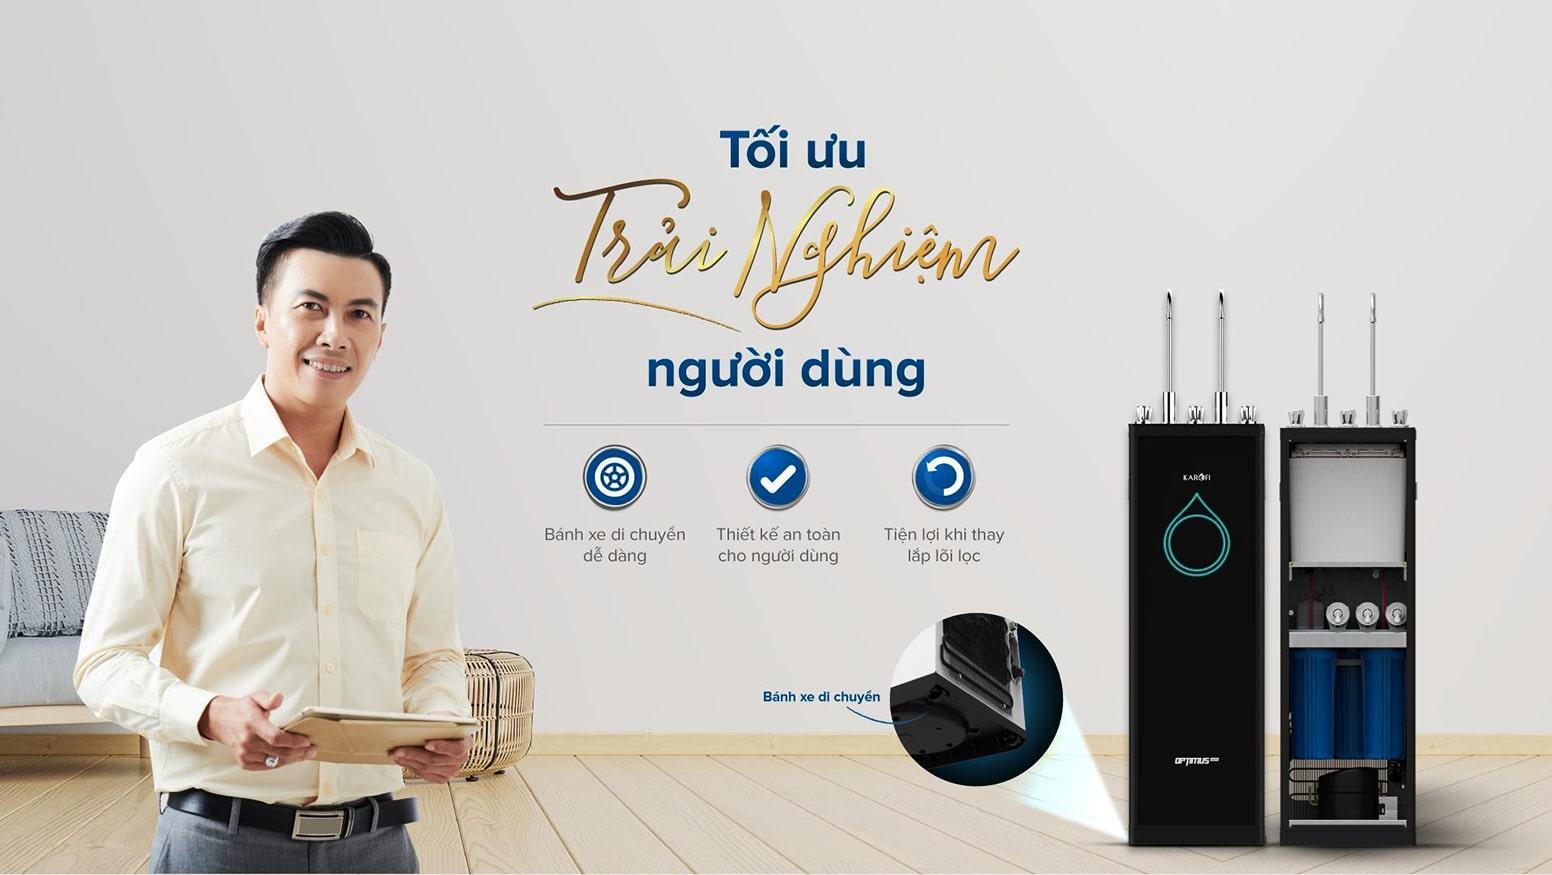 Optimus Duo chính là chiếc máy lọc nước 2 vòi nóng lạnh Karofi được ưa chuộng hiện nay